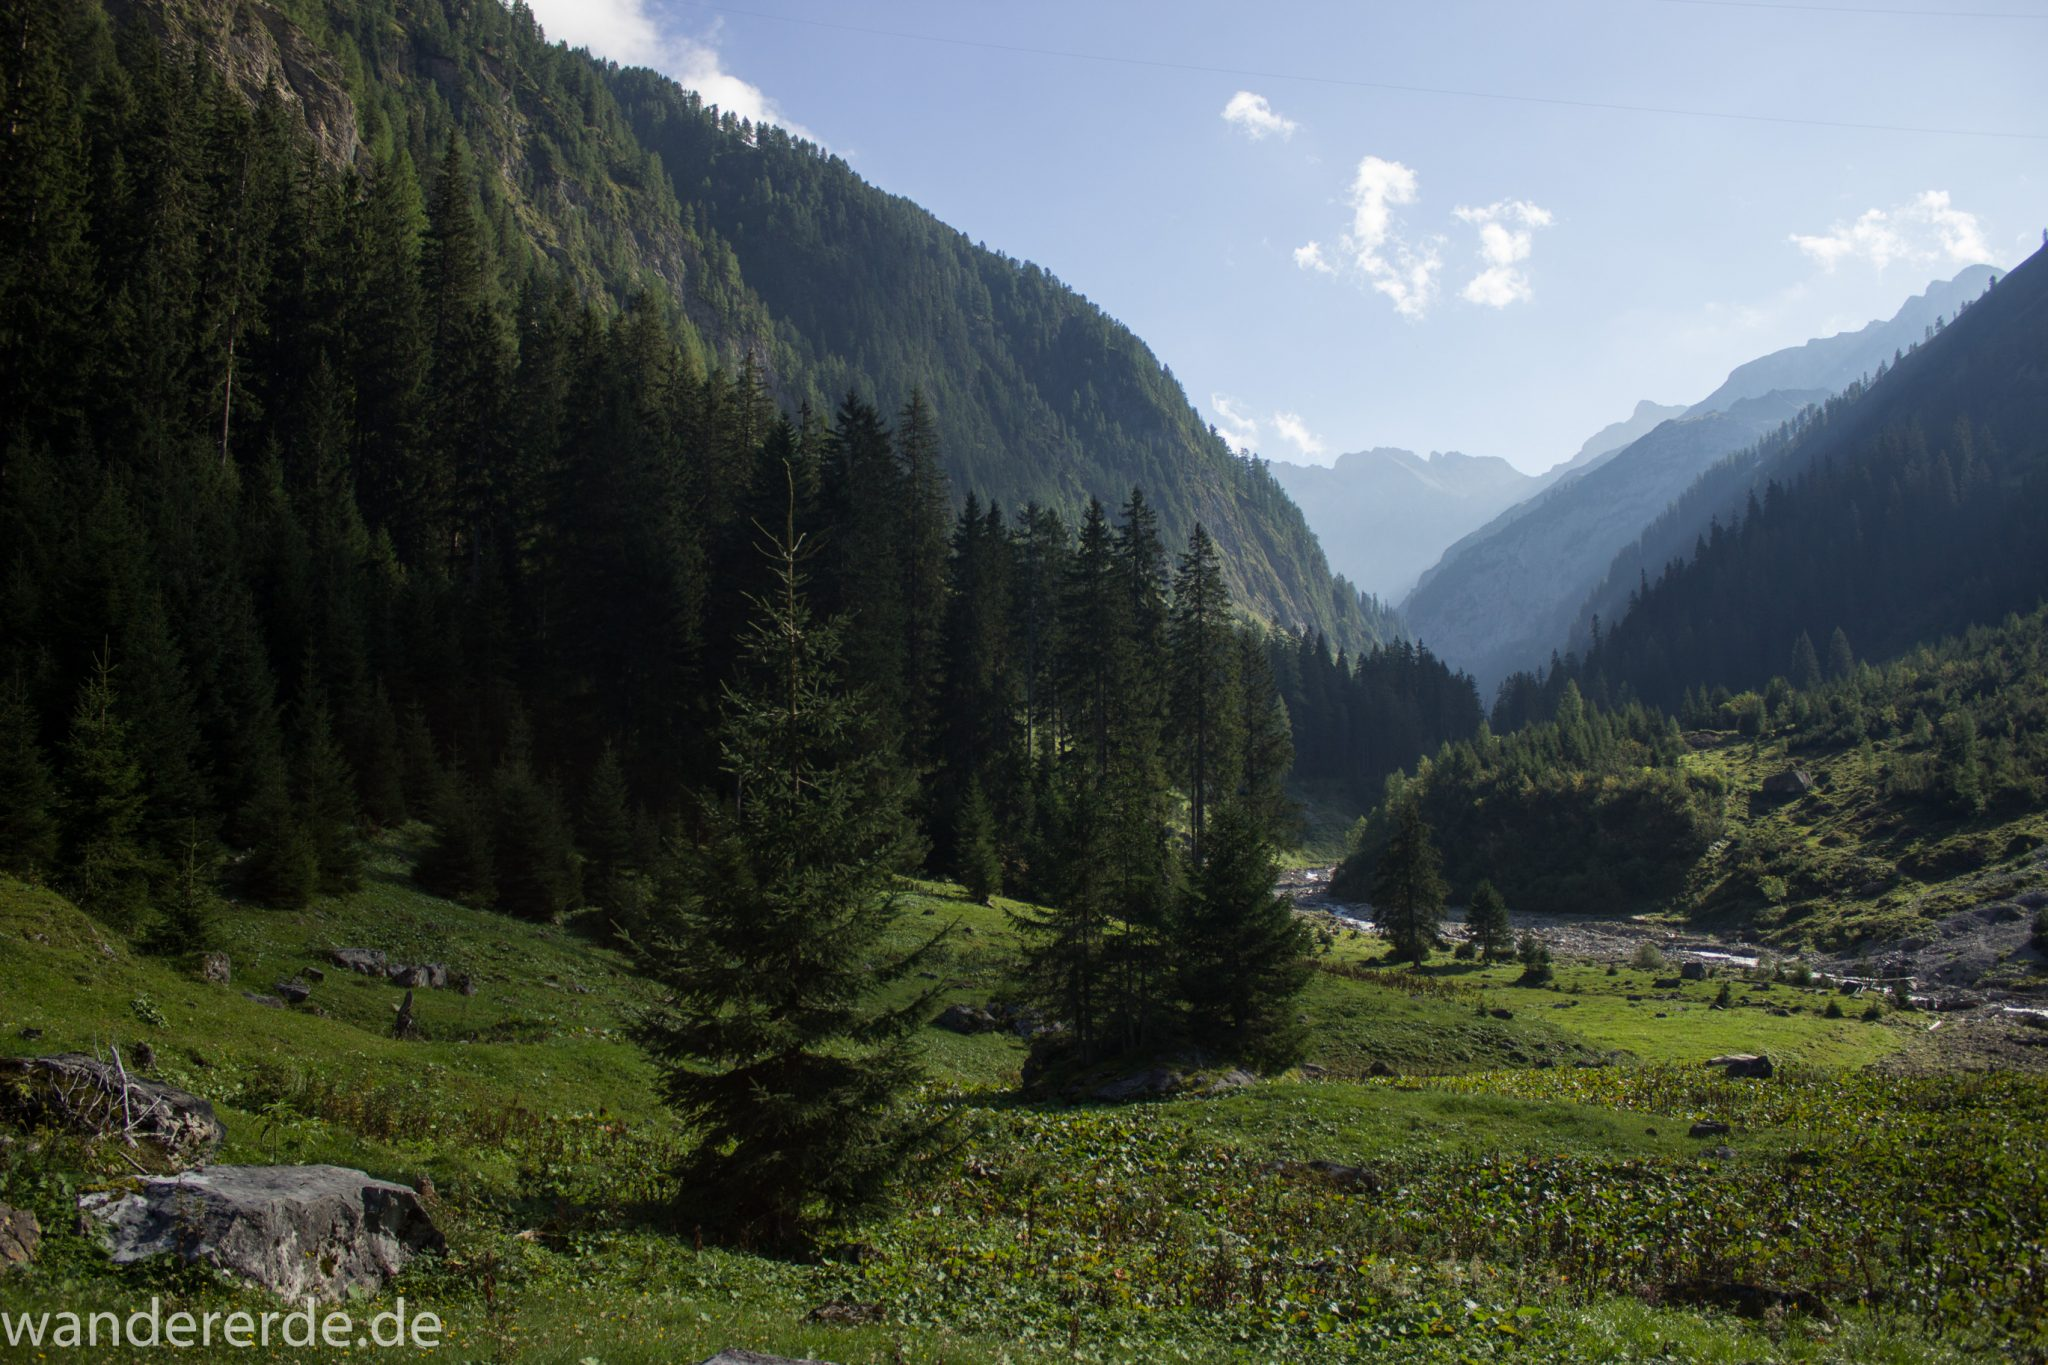 Alpenüberquerung Fernwanderweg E5 Oberstdorf Meran, 2. Etappe von Kemptner Hütte zur Memminger Hütte, schöner abwechslungsreicher Wanderweg führt ab Ort Bach Winkl bis zur Materialseilbahn der Memminger Hütte durch das schöne Madautal mit idyllischer Landschaft und grüner Vegetation, Blick auf schöne Berge, saftige Wiese und grüne Bäume, Bach fließt durch Tal